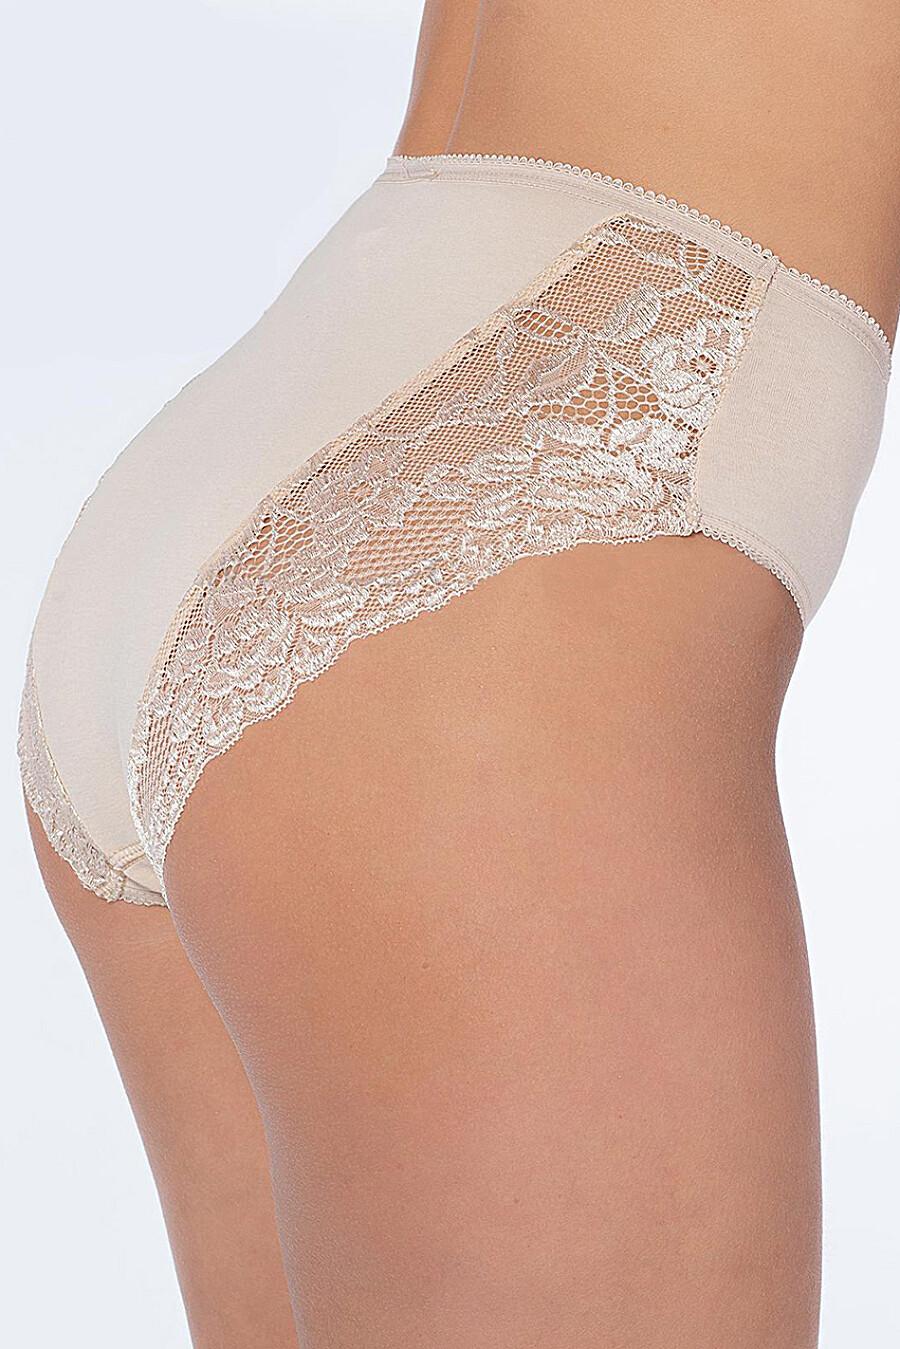 Трусы для женщин MINIMI 272752 купить оптом от производителя. Совместная покупка женской одежды в OptMoyo